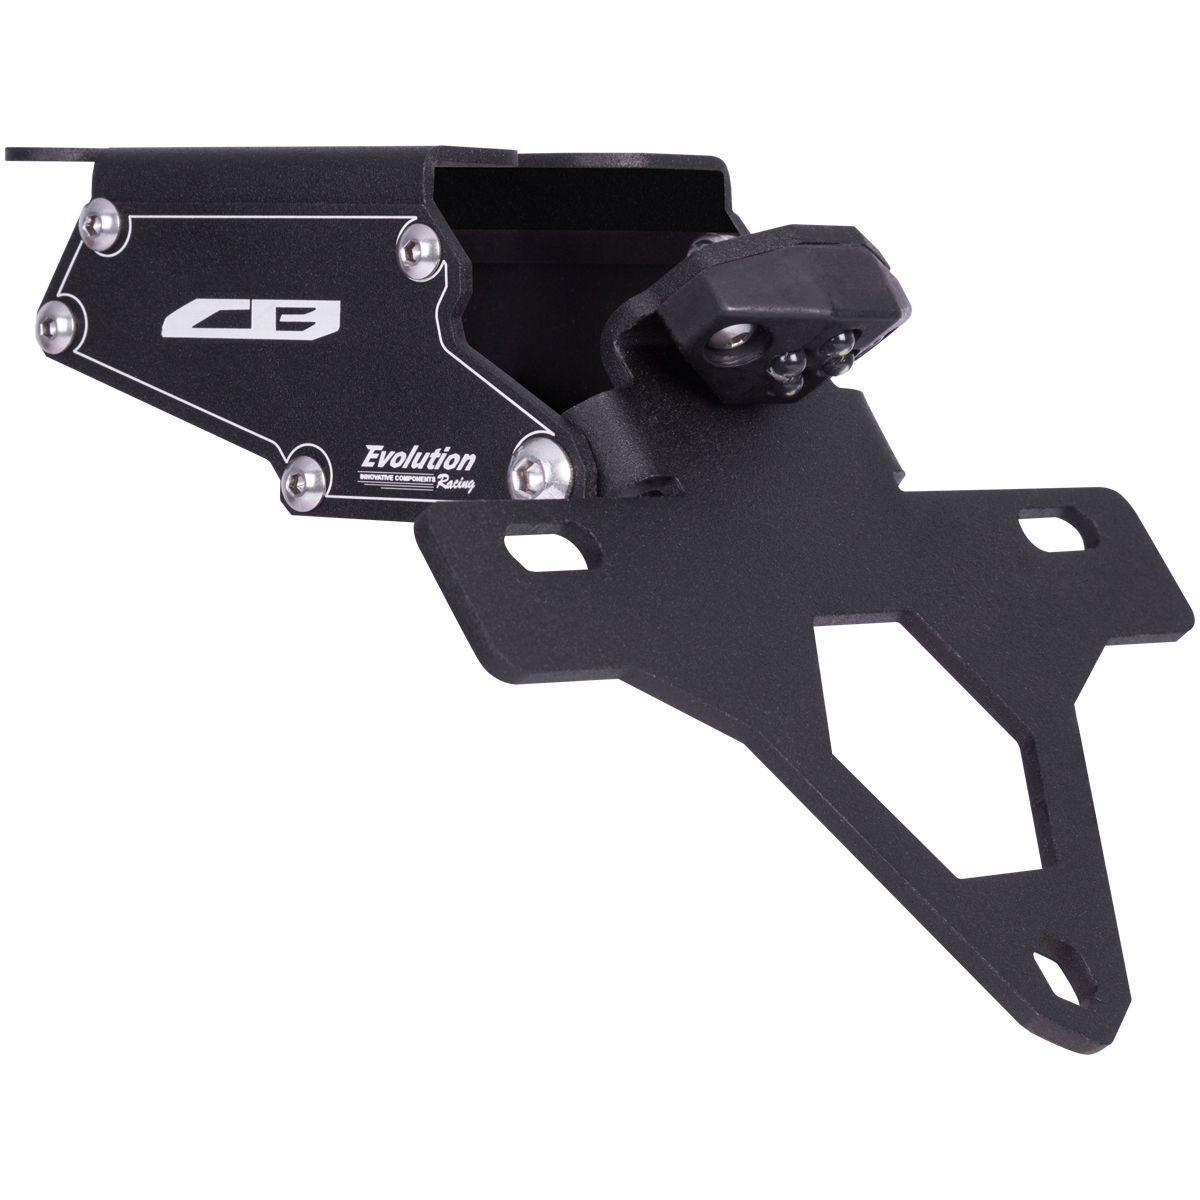 Eliminador Rabeta Suporte Placa CB 250 Twister 16 17 18 19